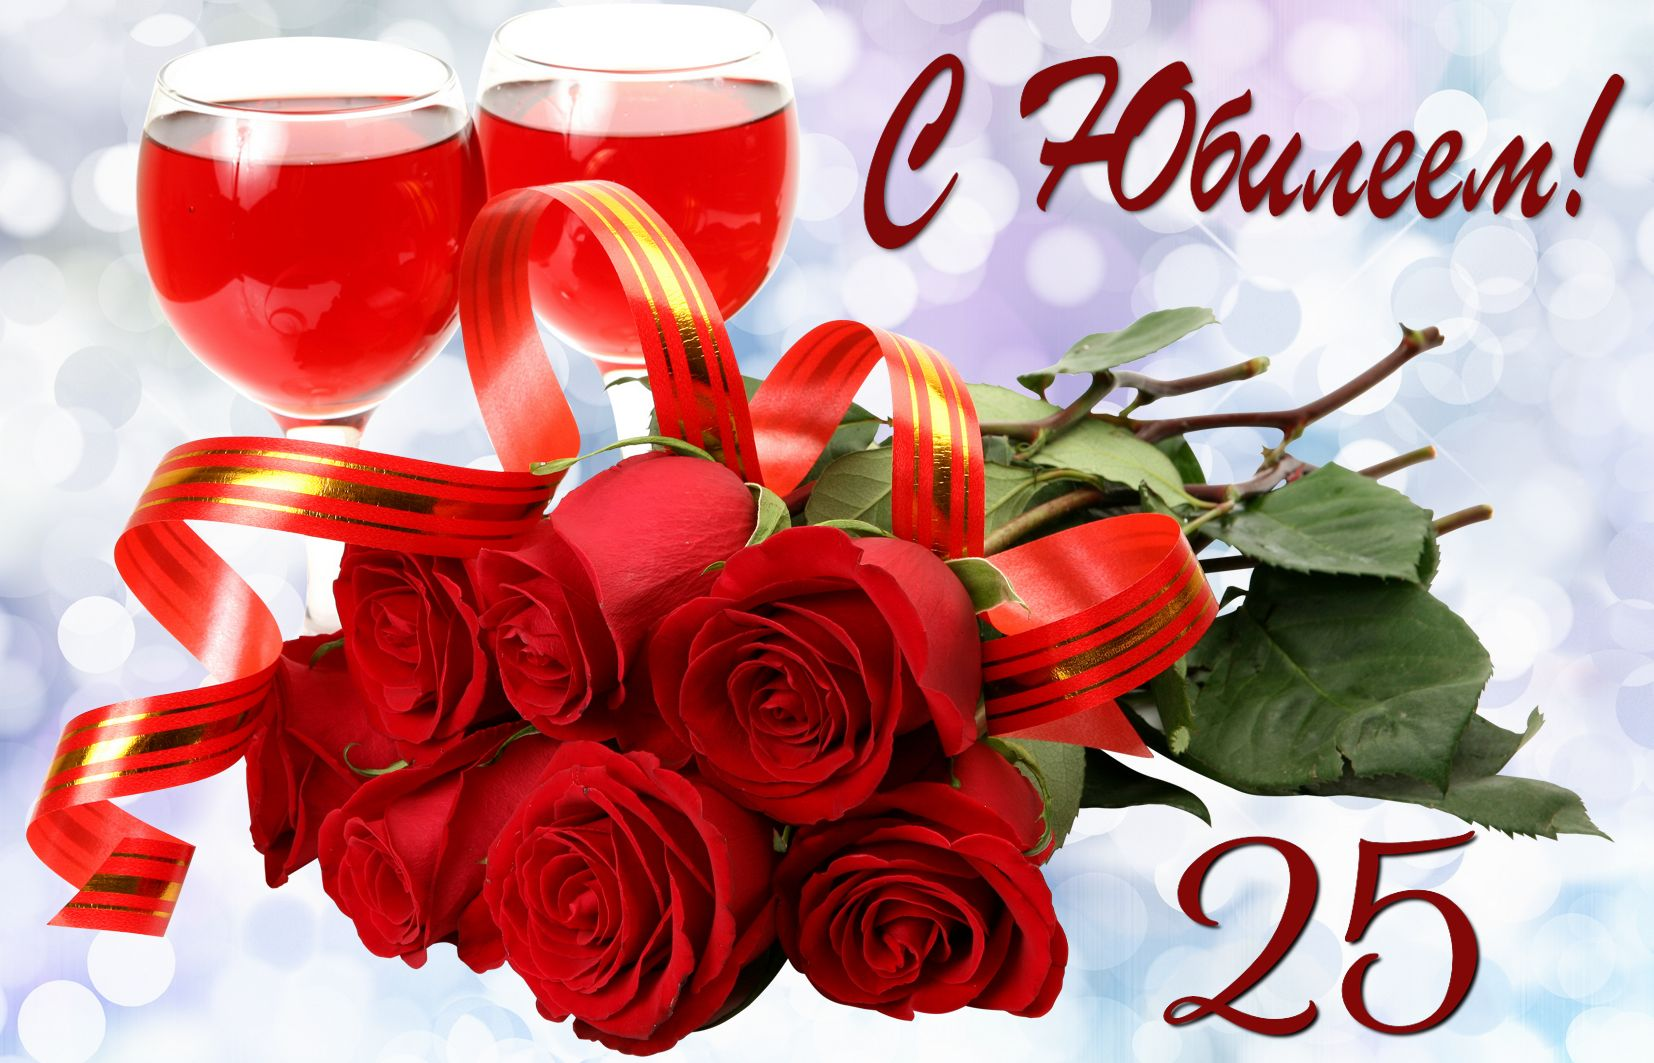 Открытка на юбилей 25 лет - розы с ленточкой и бокалы с вином